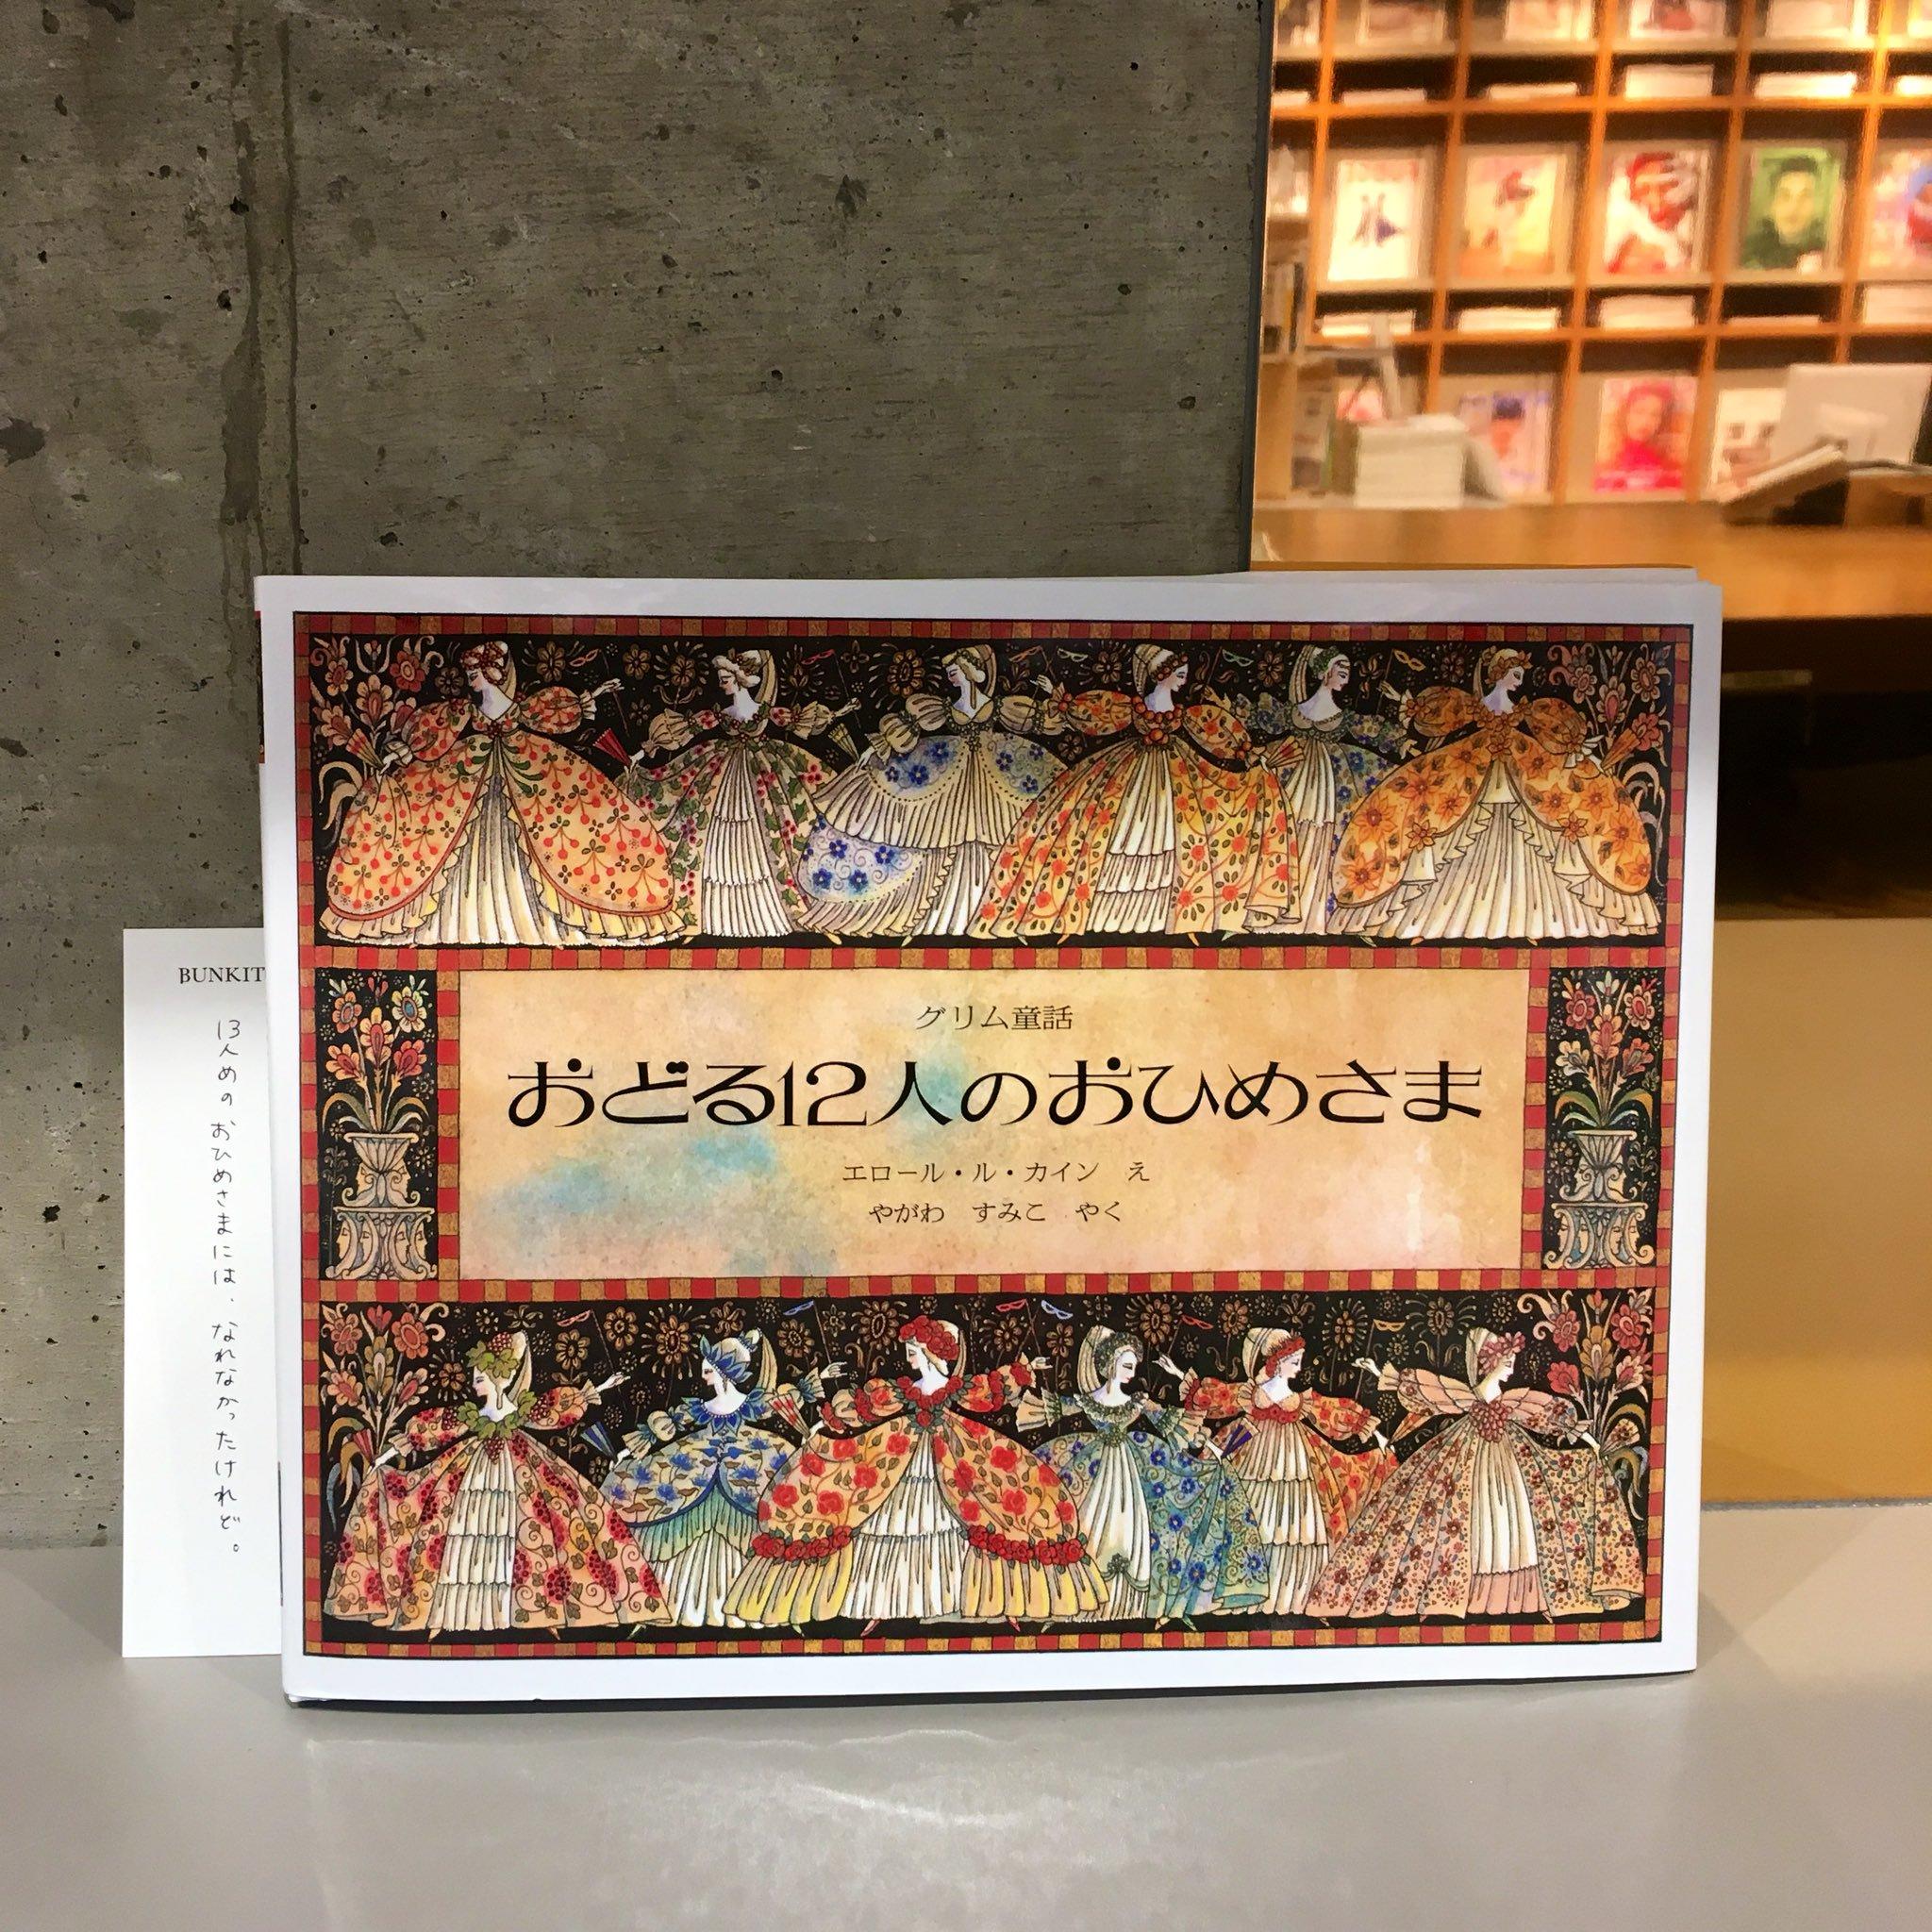 グリム童話/エロール・ル・カイン『おどる12人のおひめさま』(ほるぷ出版)